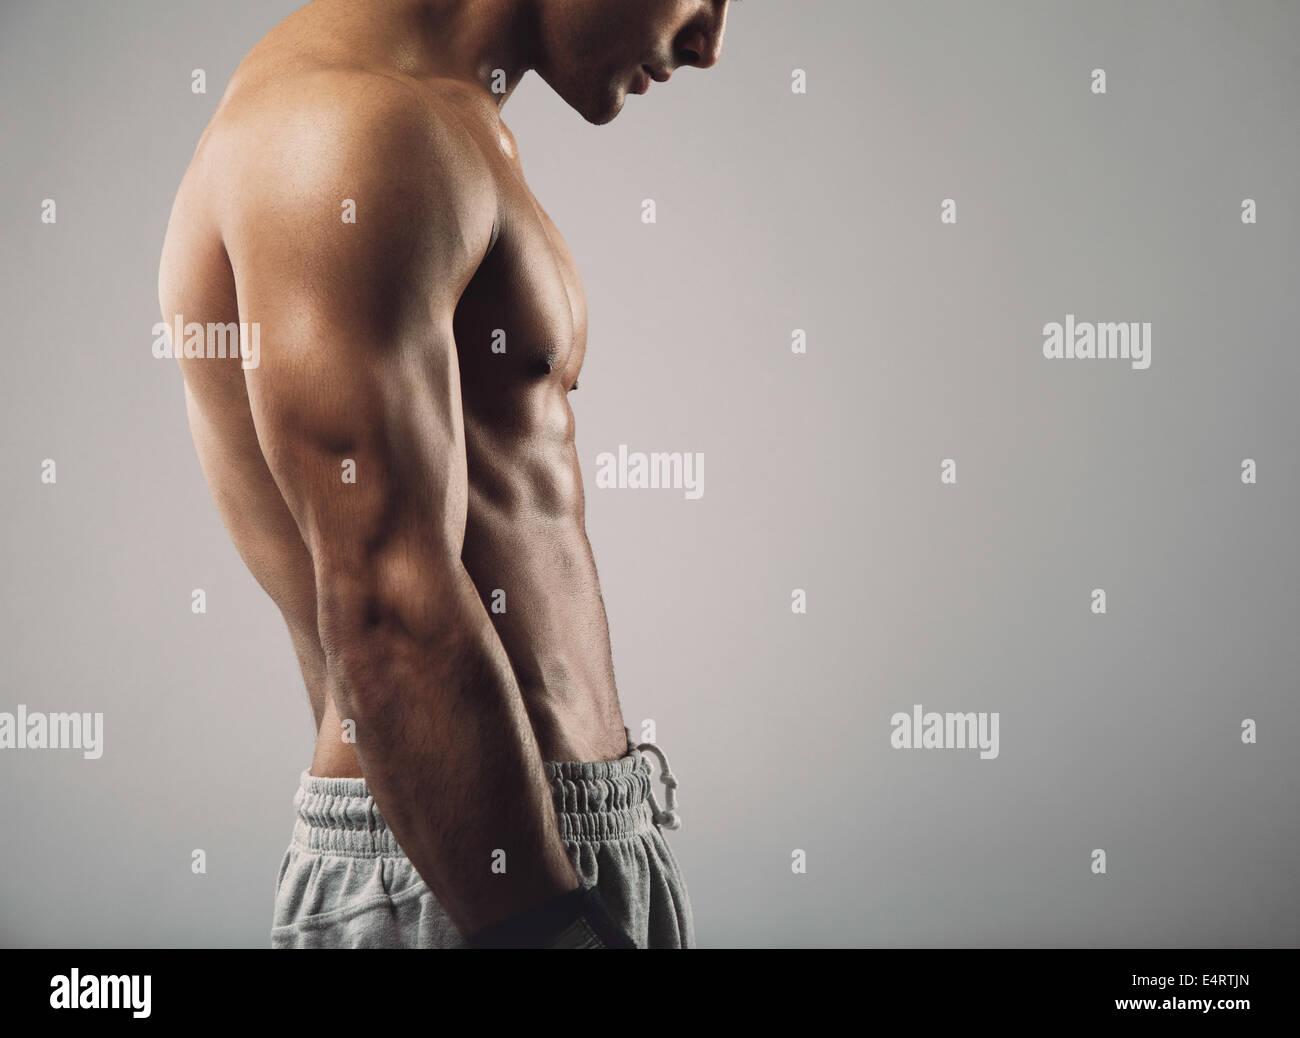 Portrait of muscular young man Torse sur fond gris, avec l'exemplaire de l'espace. Photo Stock